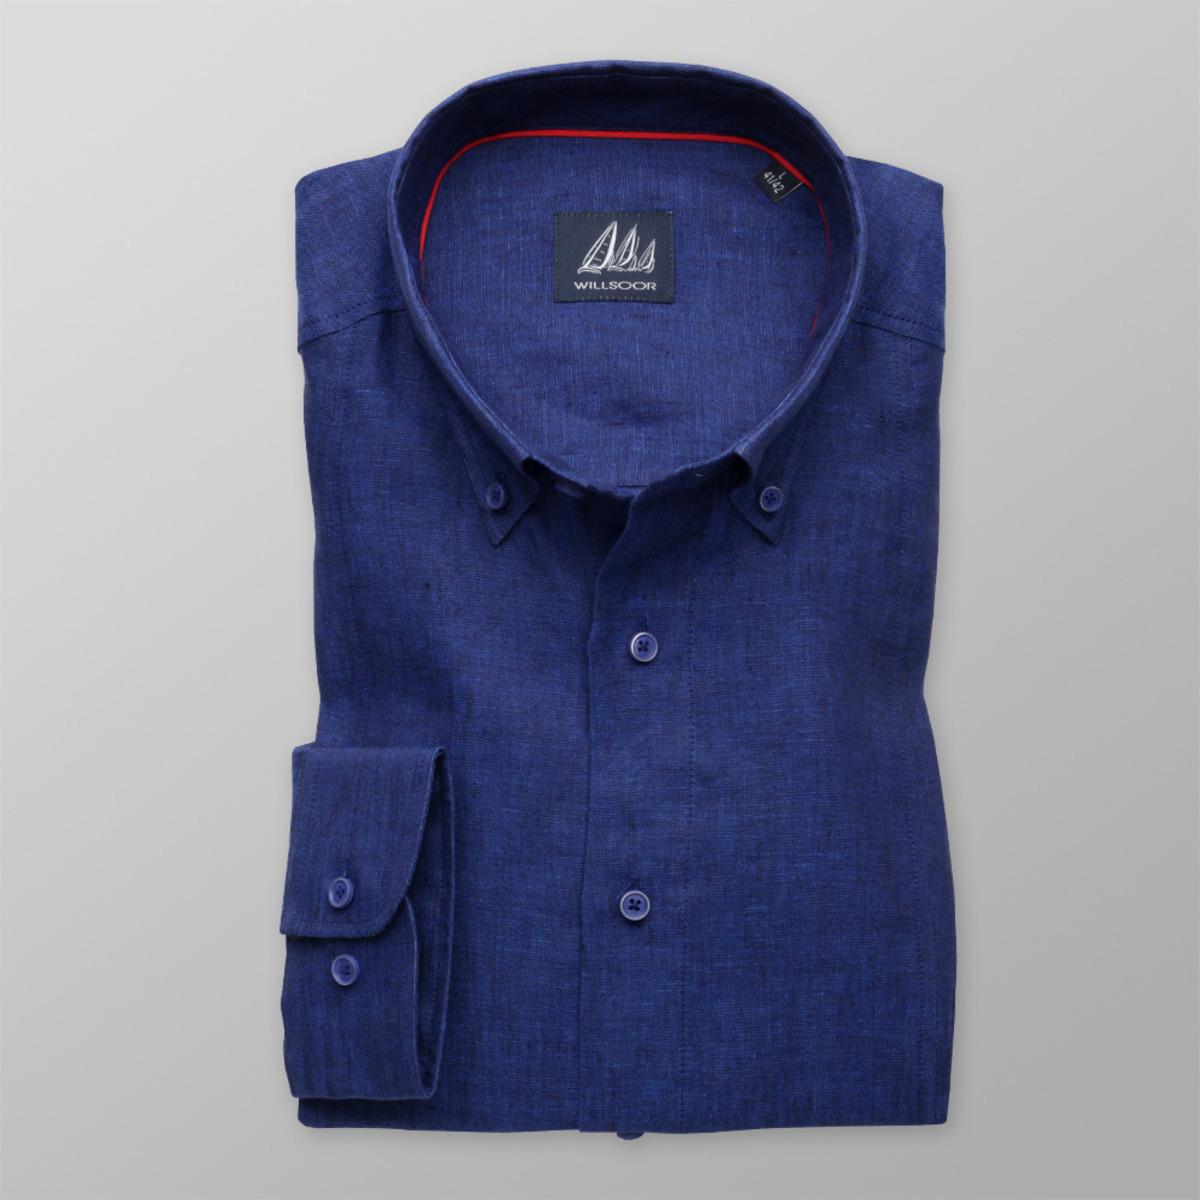 28460e7b8a1 Košile Classic (všechny výšky) 9494 188-194   L (41 42